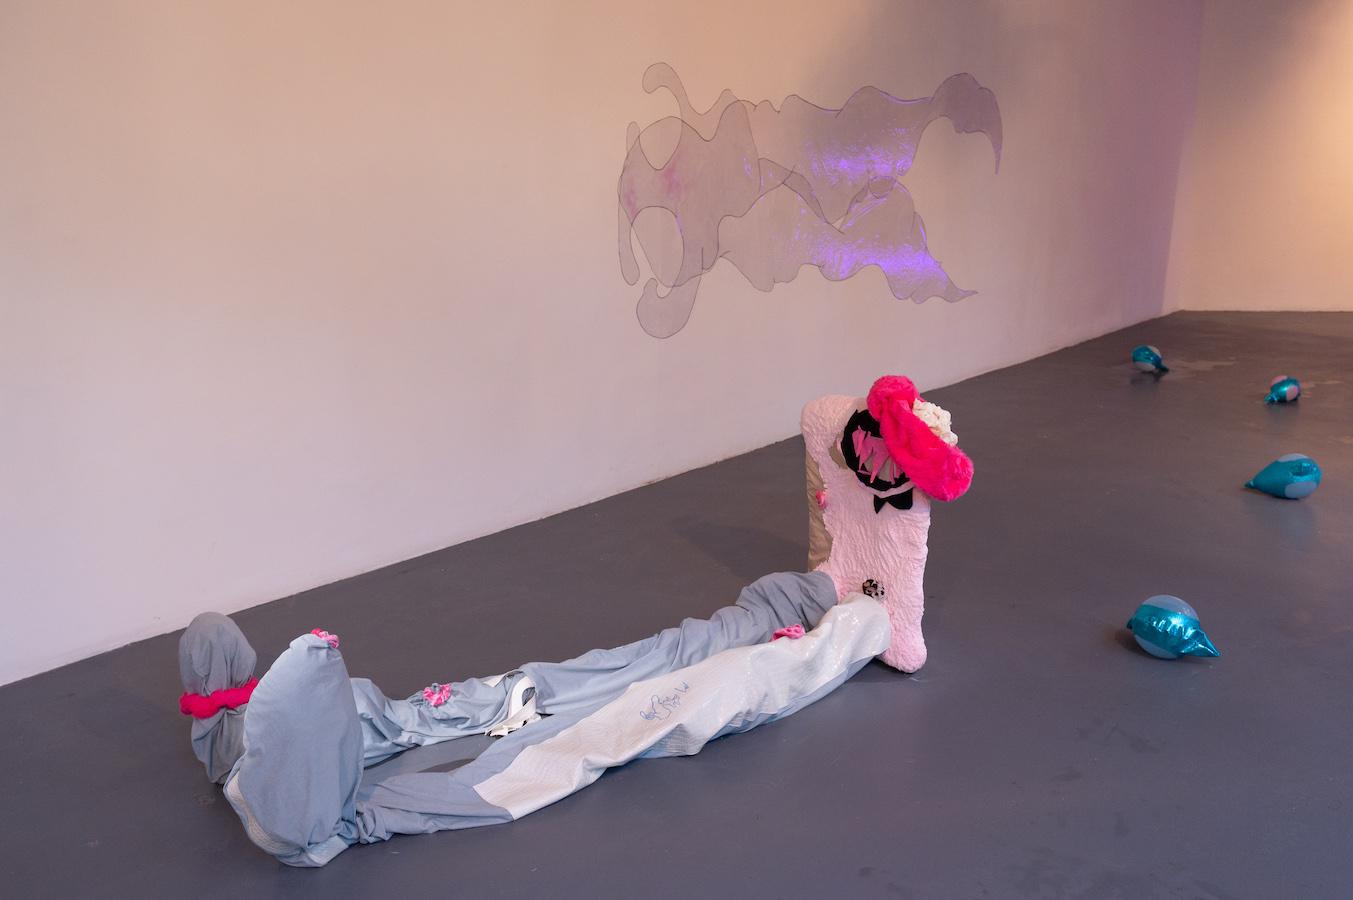 Sarah Netter, Scrunchies, 2020, tissus, foufounes, papiers toilettes, plastiques, bois, ballons, toiles cirées, papiers cadeaux © Photo Raphaël Arnaud | art-cade*